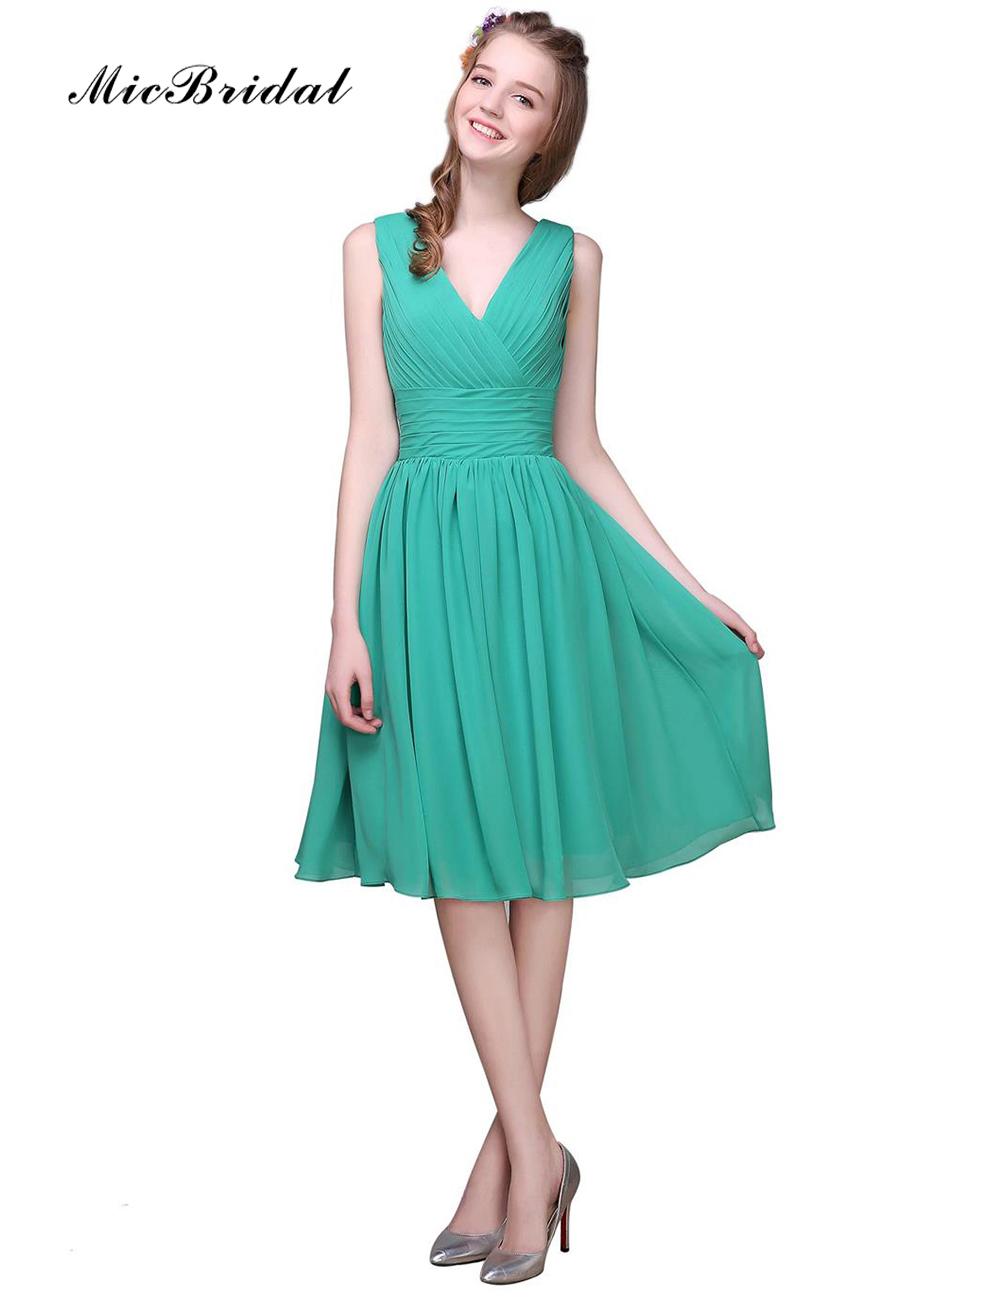 la mode des robes de france robe bleu turquoise taille 46. Black Bedroom Furniture Sets. Home Design Ideas